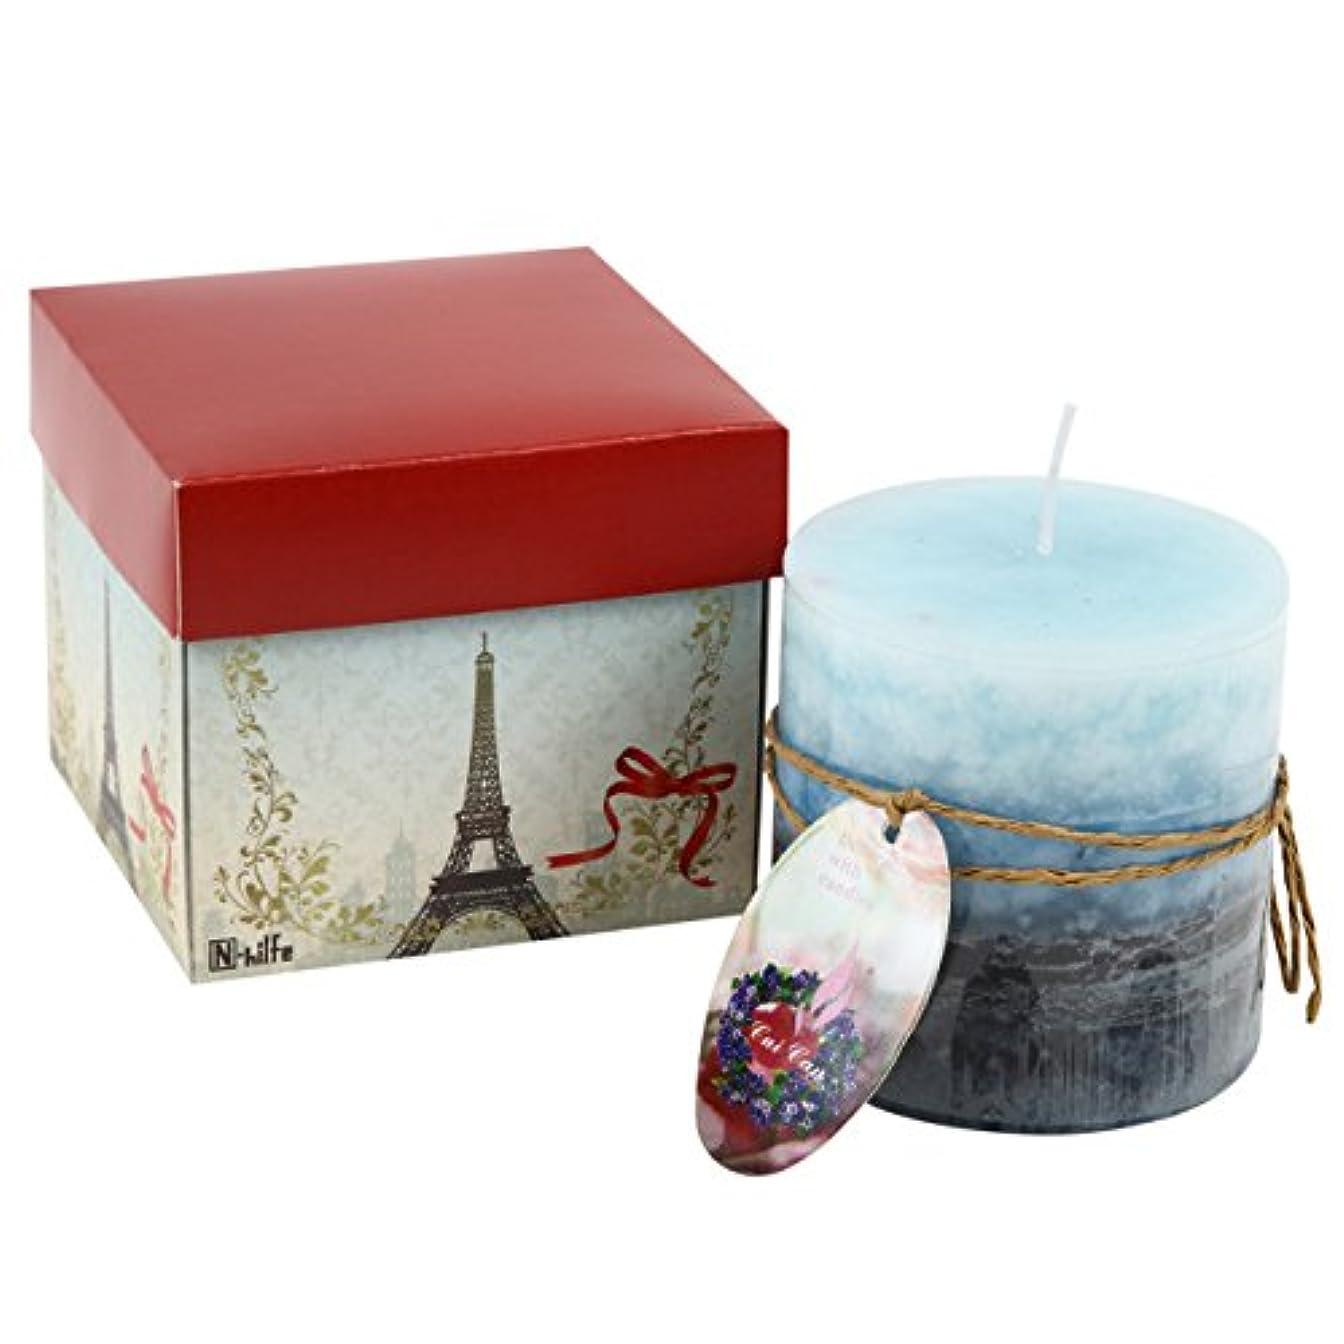 アーティファクト助言する援助N-hilfe キャンドル 7.5x7.5cm 蝋燭 アロマキャンドル (ビーチ,青)